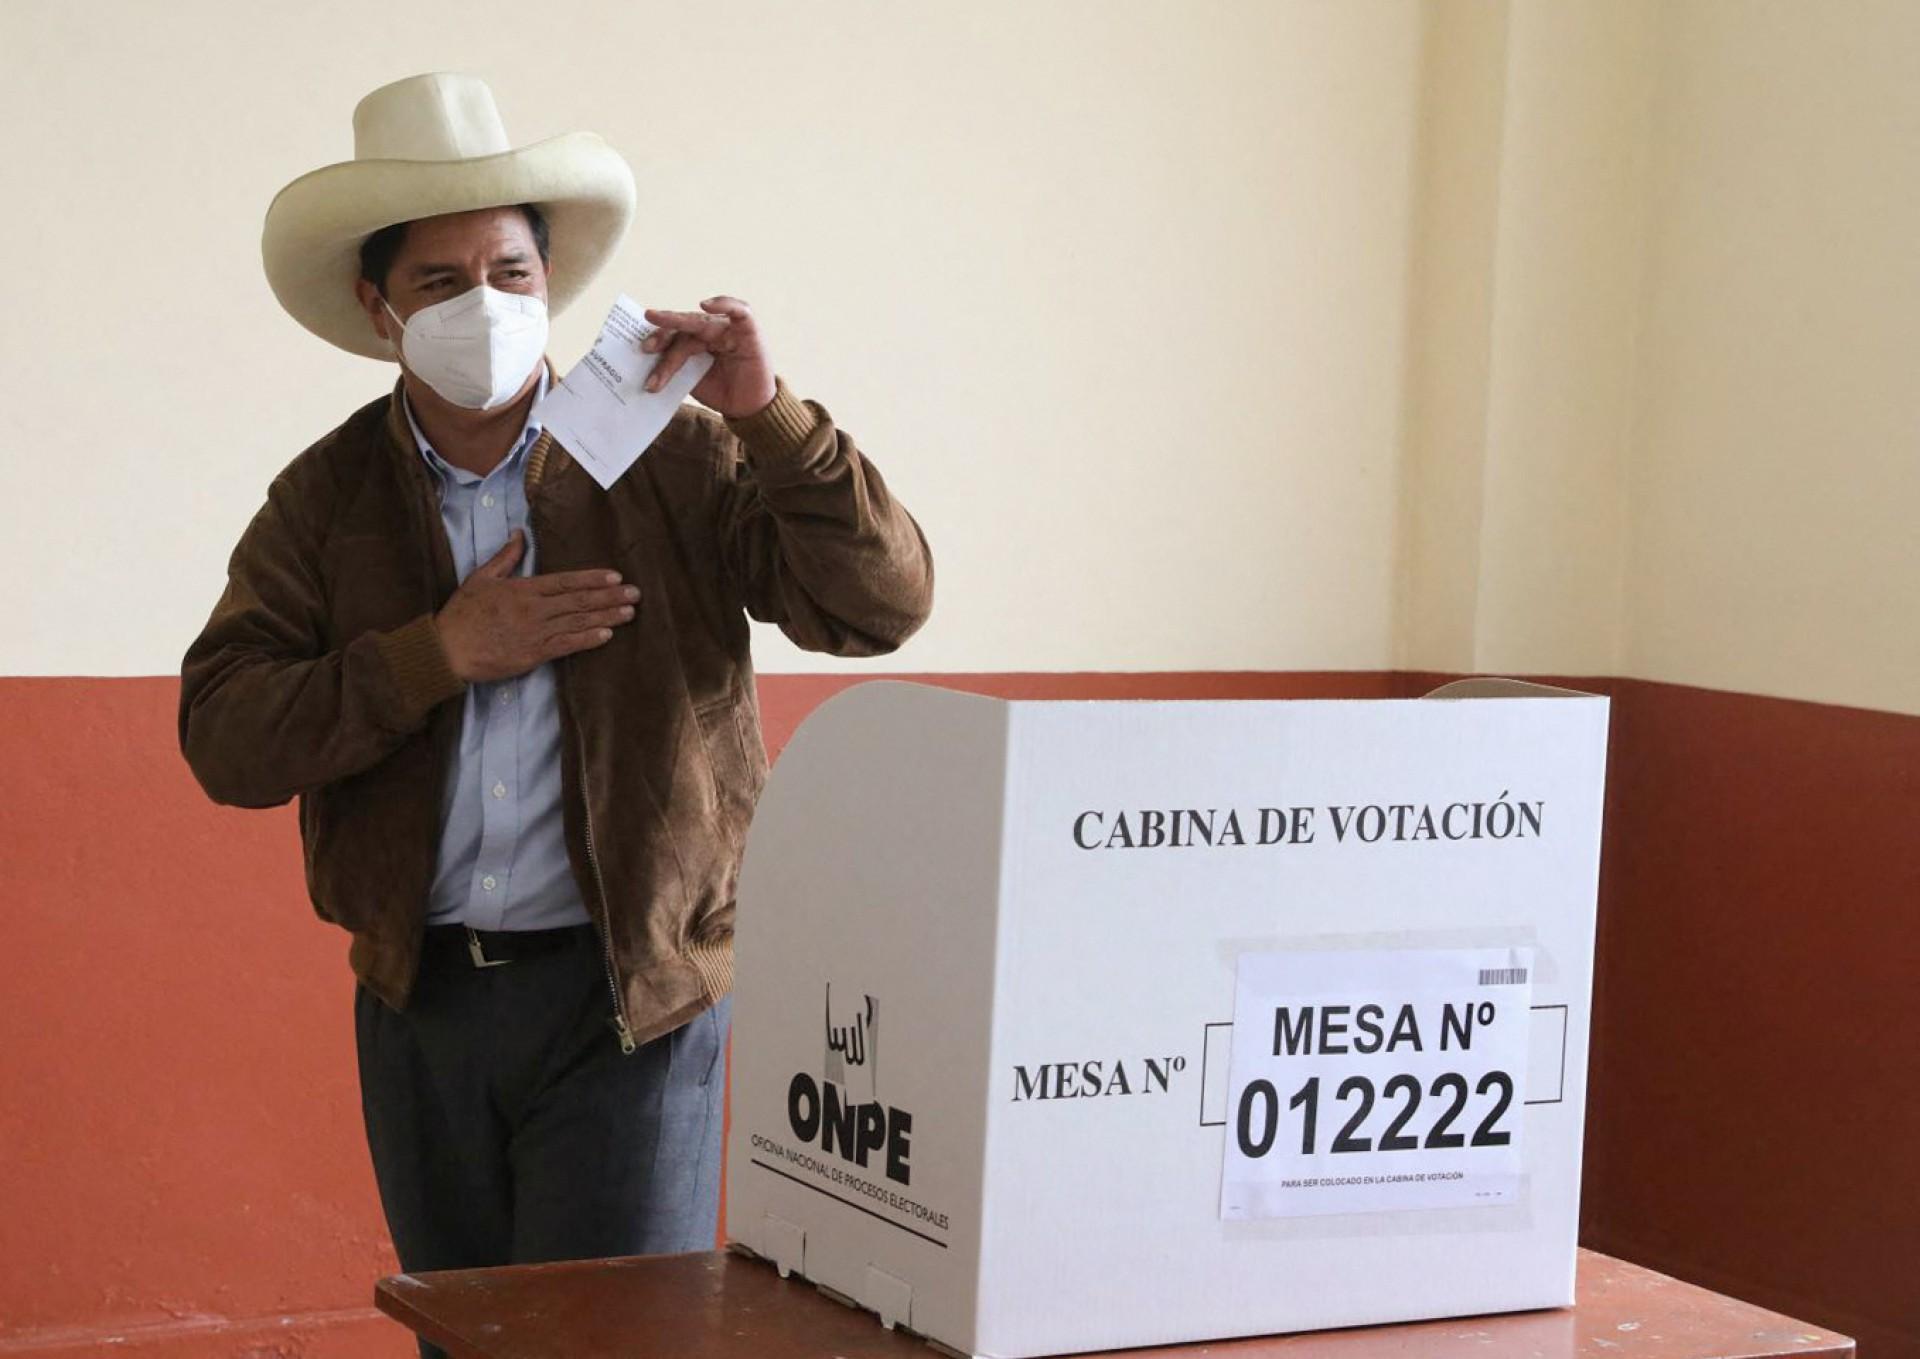 Esta foto divulgada pela Presidência do Peru mostra o candidato presidencial peruano Pedro Castillo, votando em uma mesa de votação em sua cidade natal, Tacabamba, em Cajamarca, durante o segundo turno presidencial em 6 de junho de 2021, em que enfrenta o candidato de direita Keiko Fujimori. - Os peruanos enfrentam uma escolha polarizada entre a populista de direita Keiko Fujimori e o esquerdista radical Pedro Castillo quando elegem um novo presidente no domingo, em um país desesperado por um retorno à normalidade após anos de turbulência política. (Foto por Handout / Presidência Peruana / AFP)